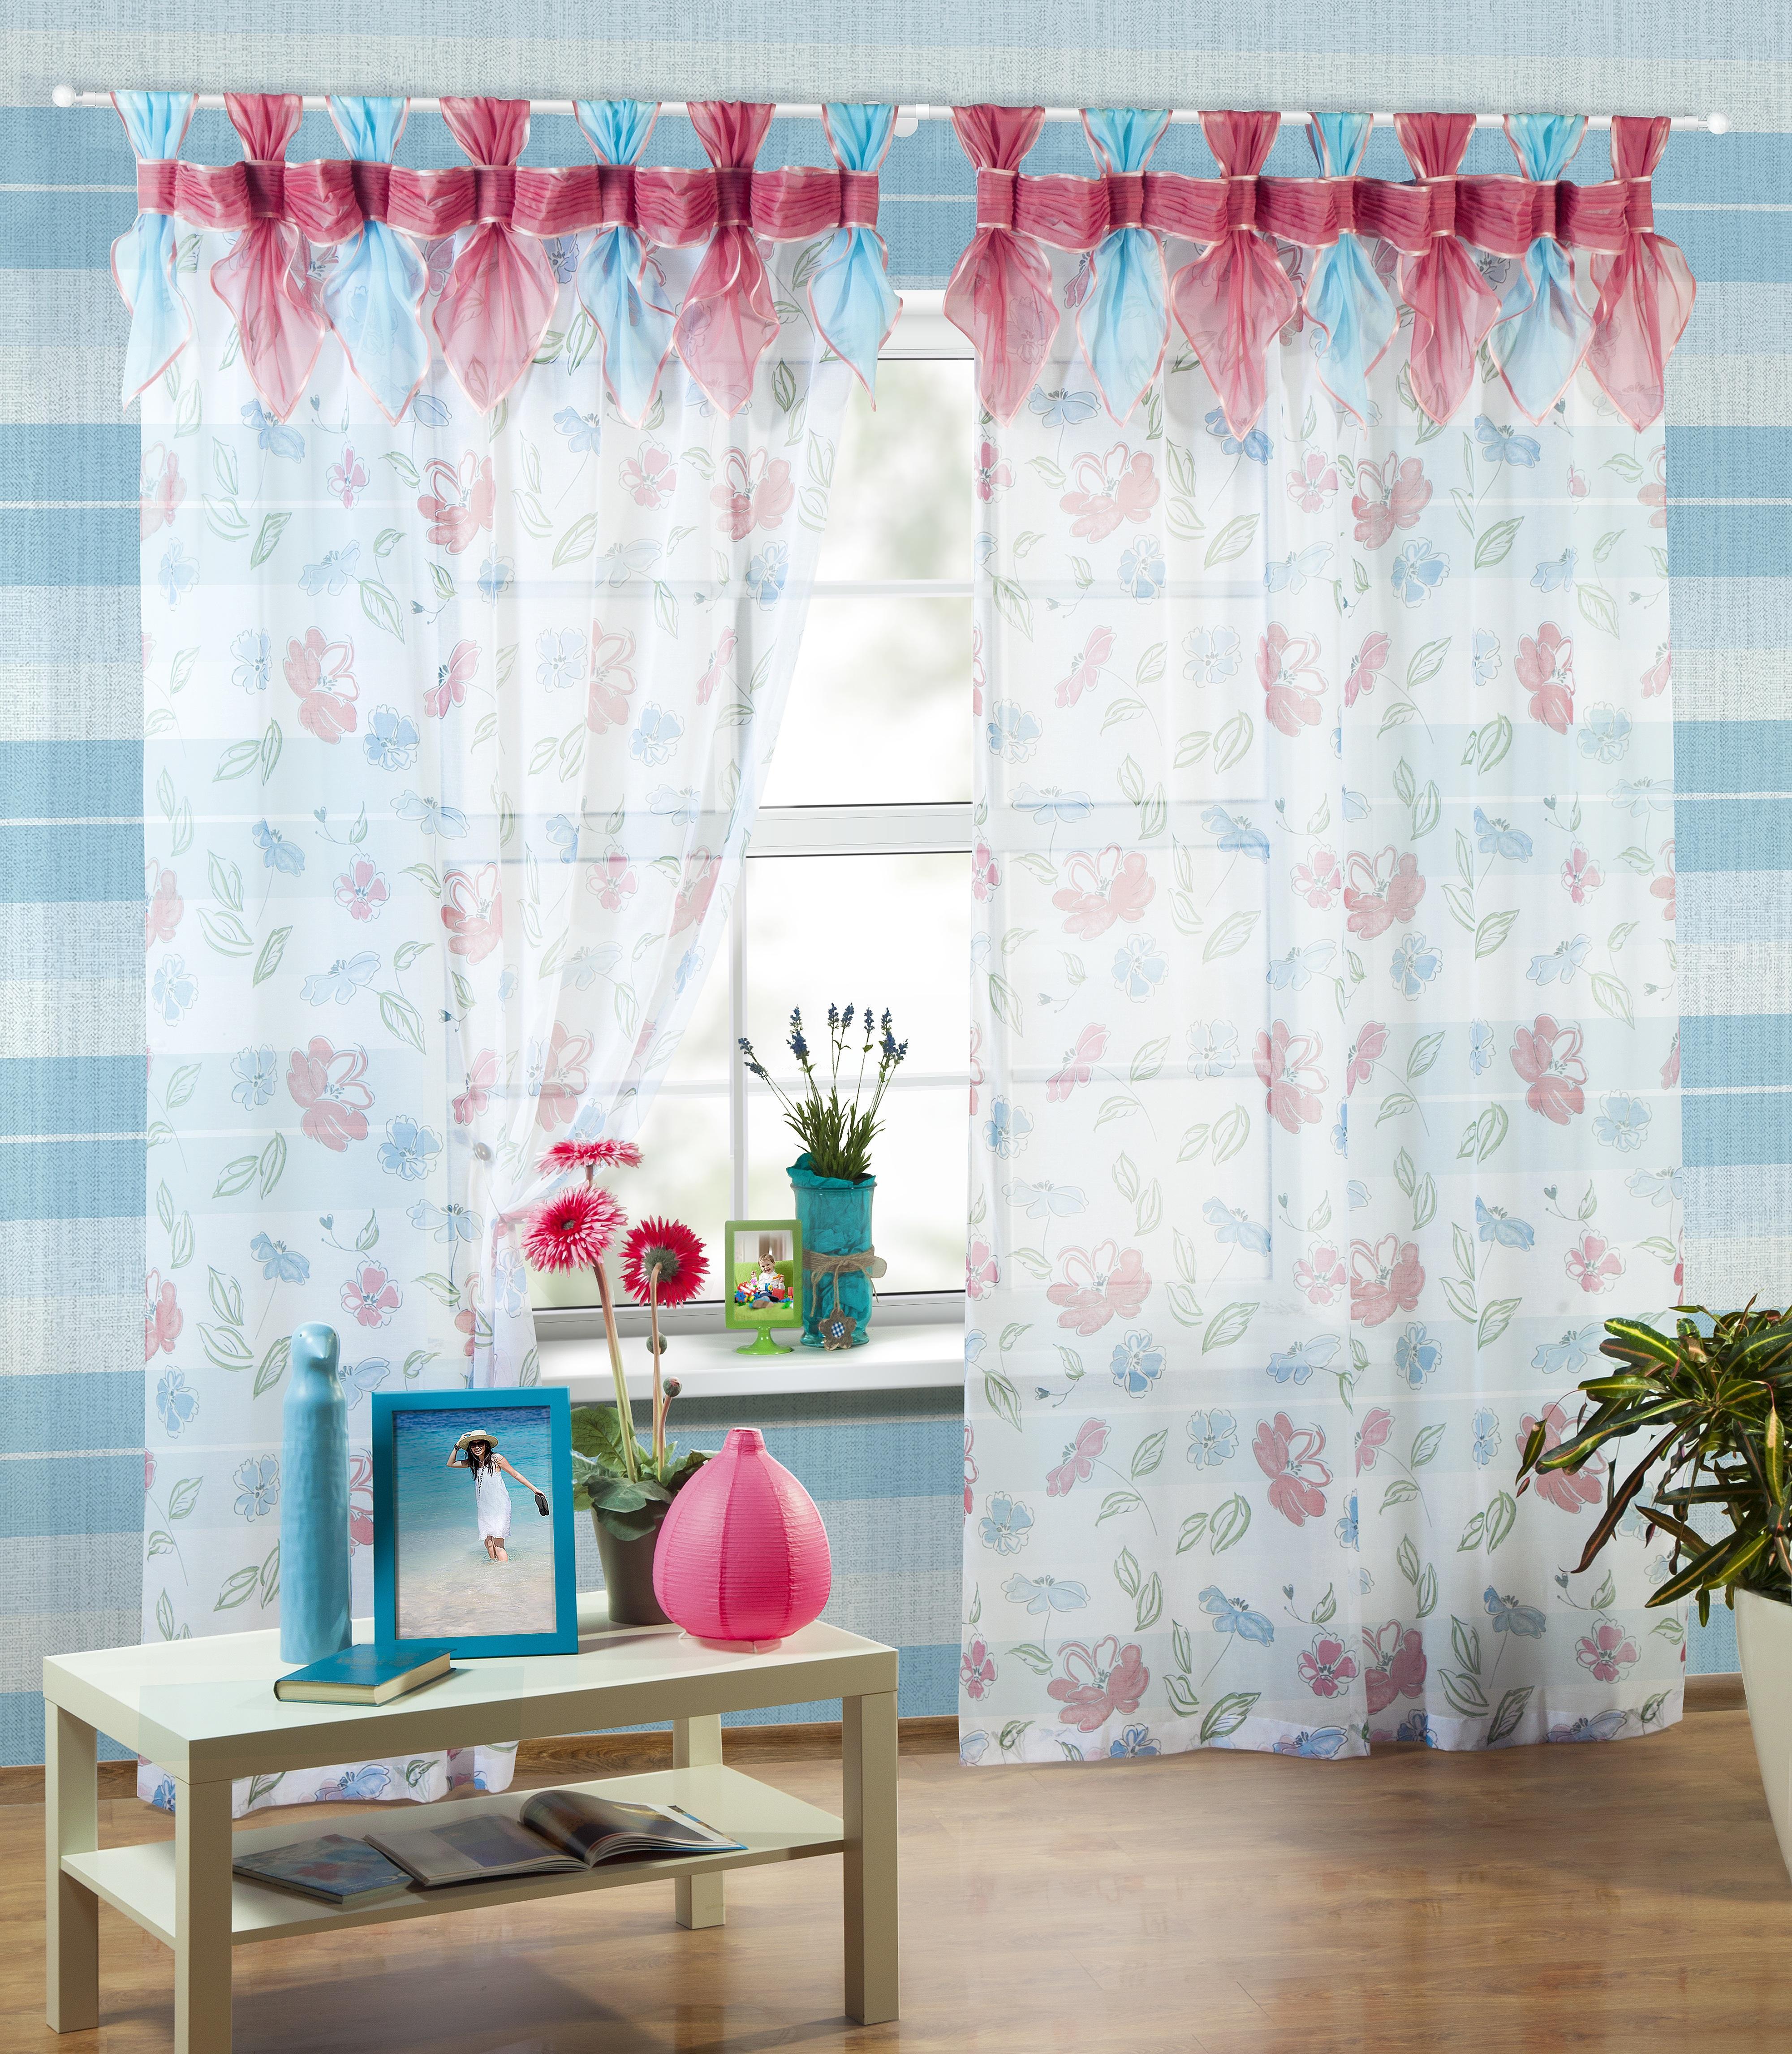 Шторы PASIONARIA Классические шторы Ника Цвет: Брусничный шторы tac классические шторы winx цвет персиковый 200x265 см